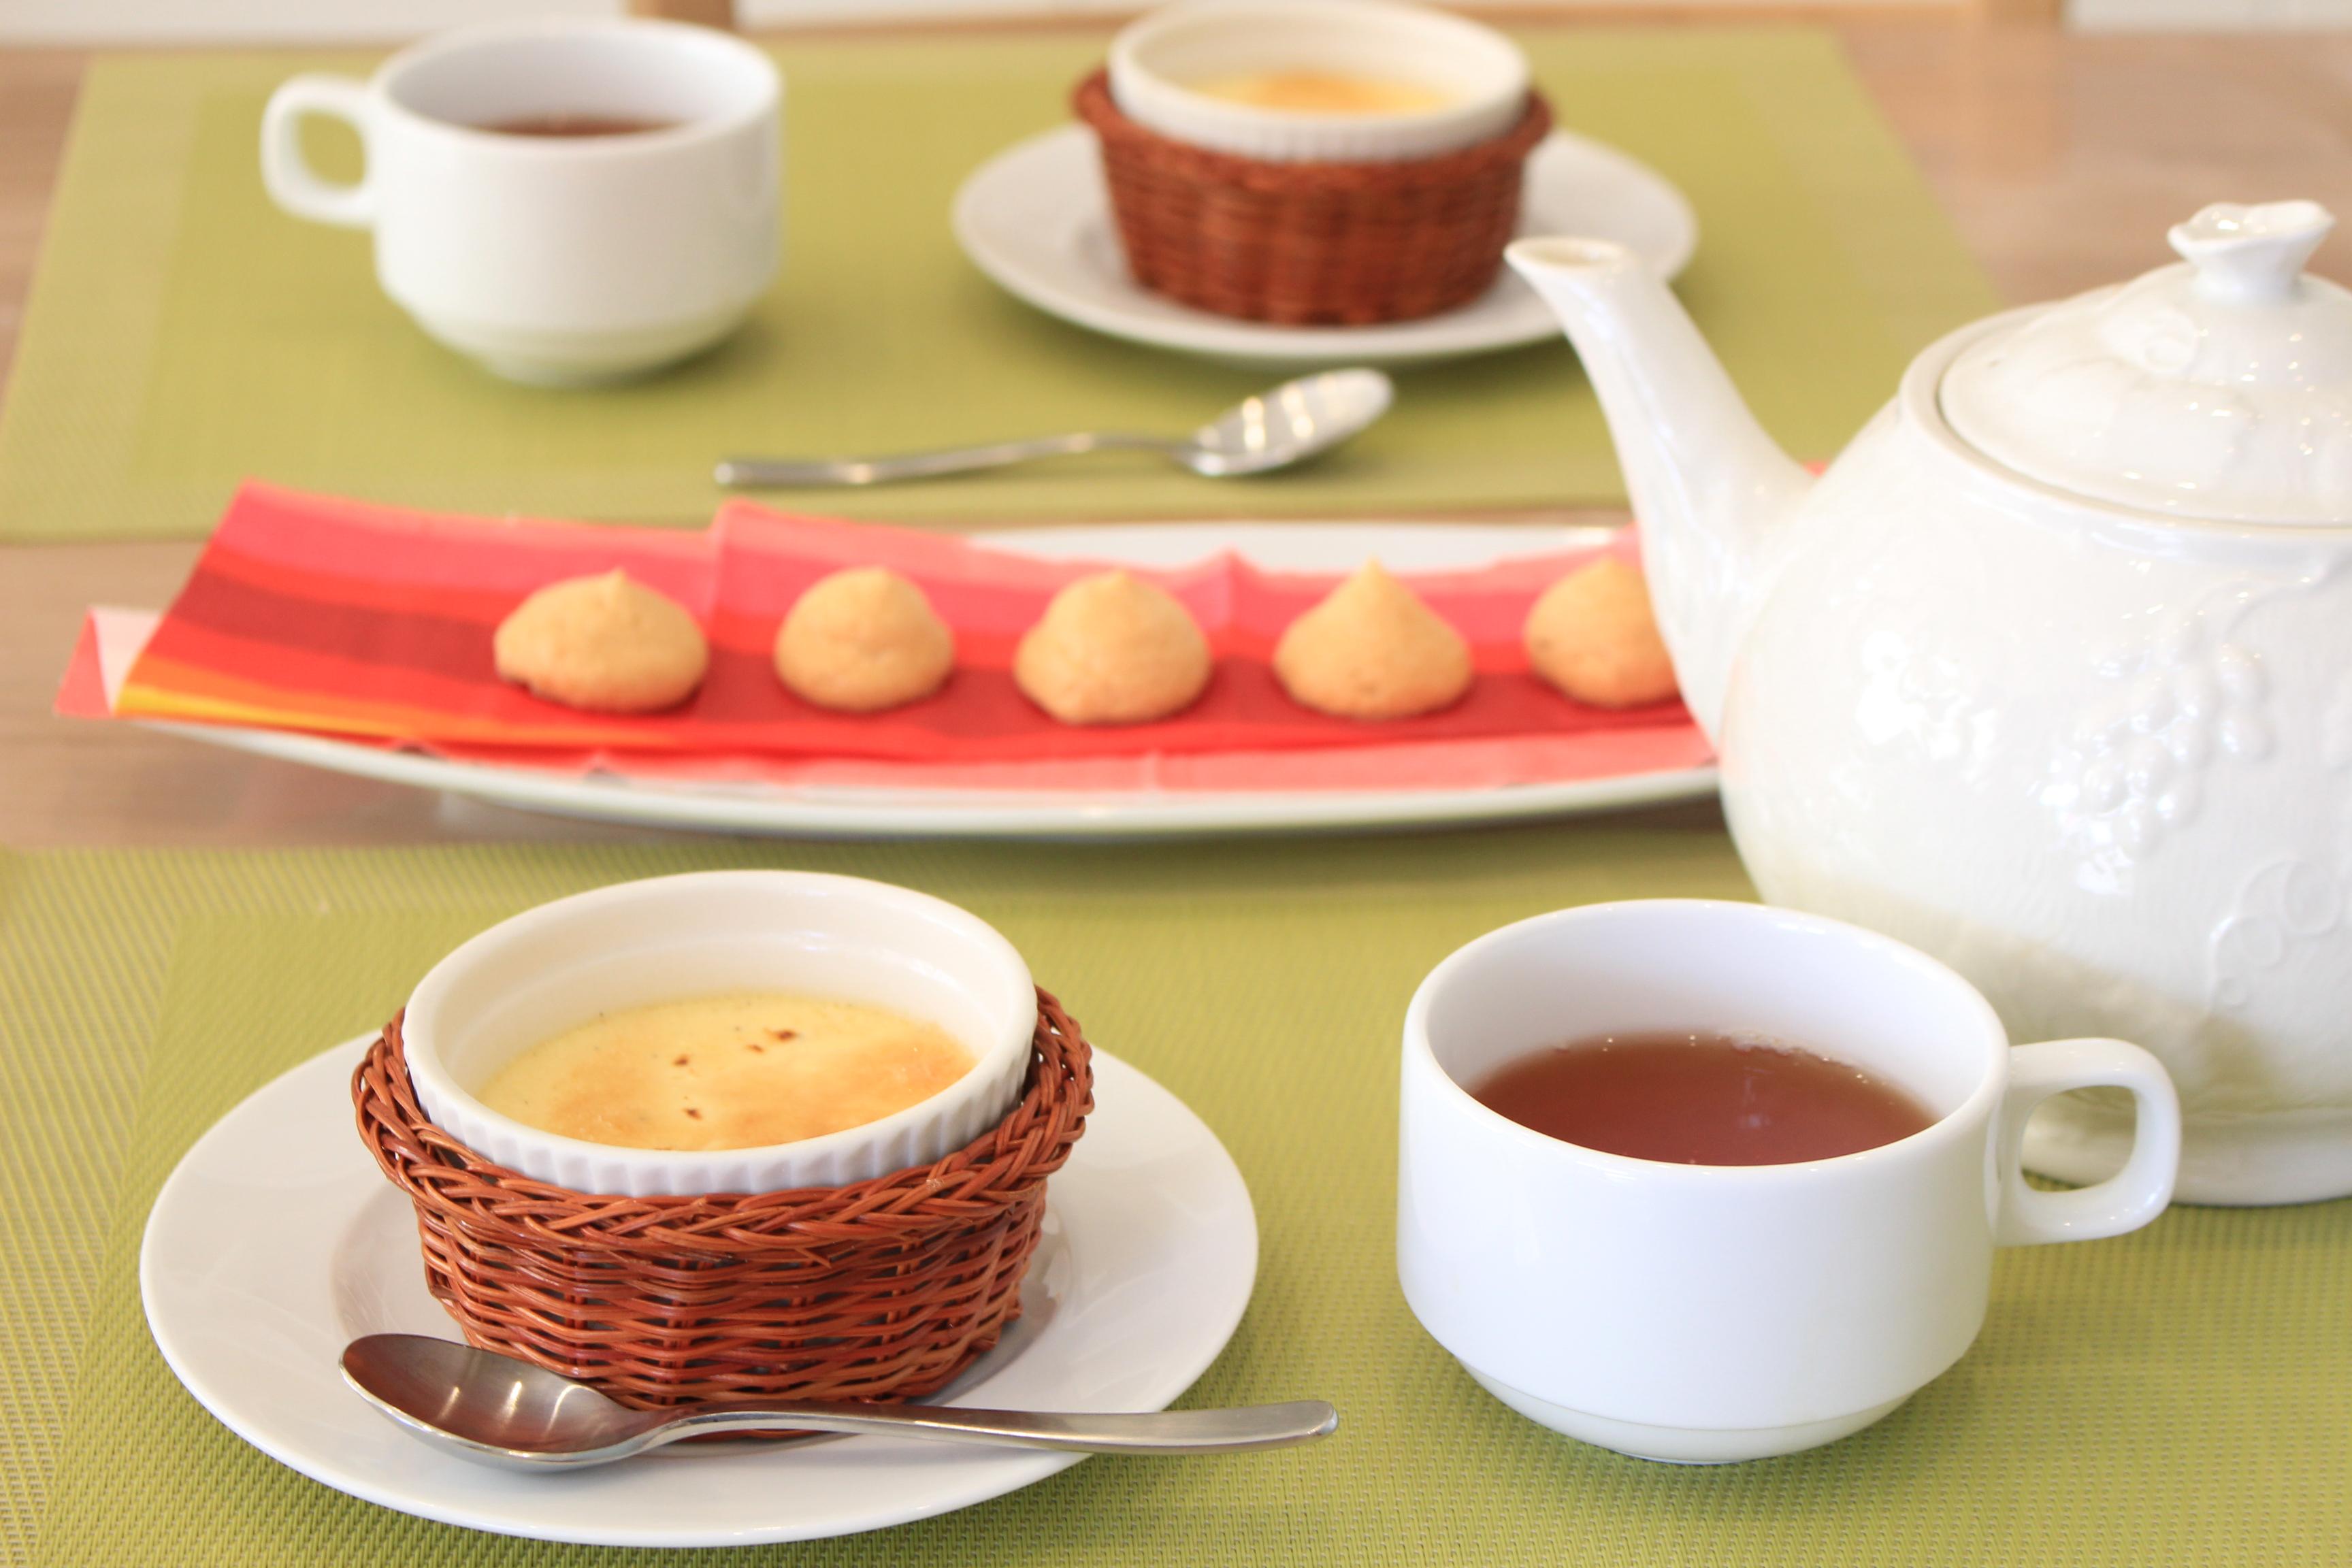 a-ta-sante糖質制限パン料理教室。10月度『糖質制限家庭料理』最終日!テーマ『Rinoブレンド甘いたれ』